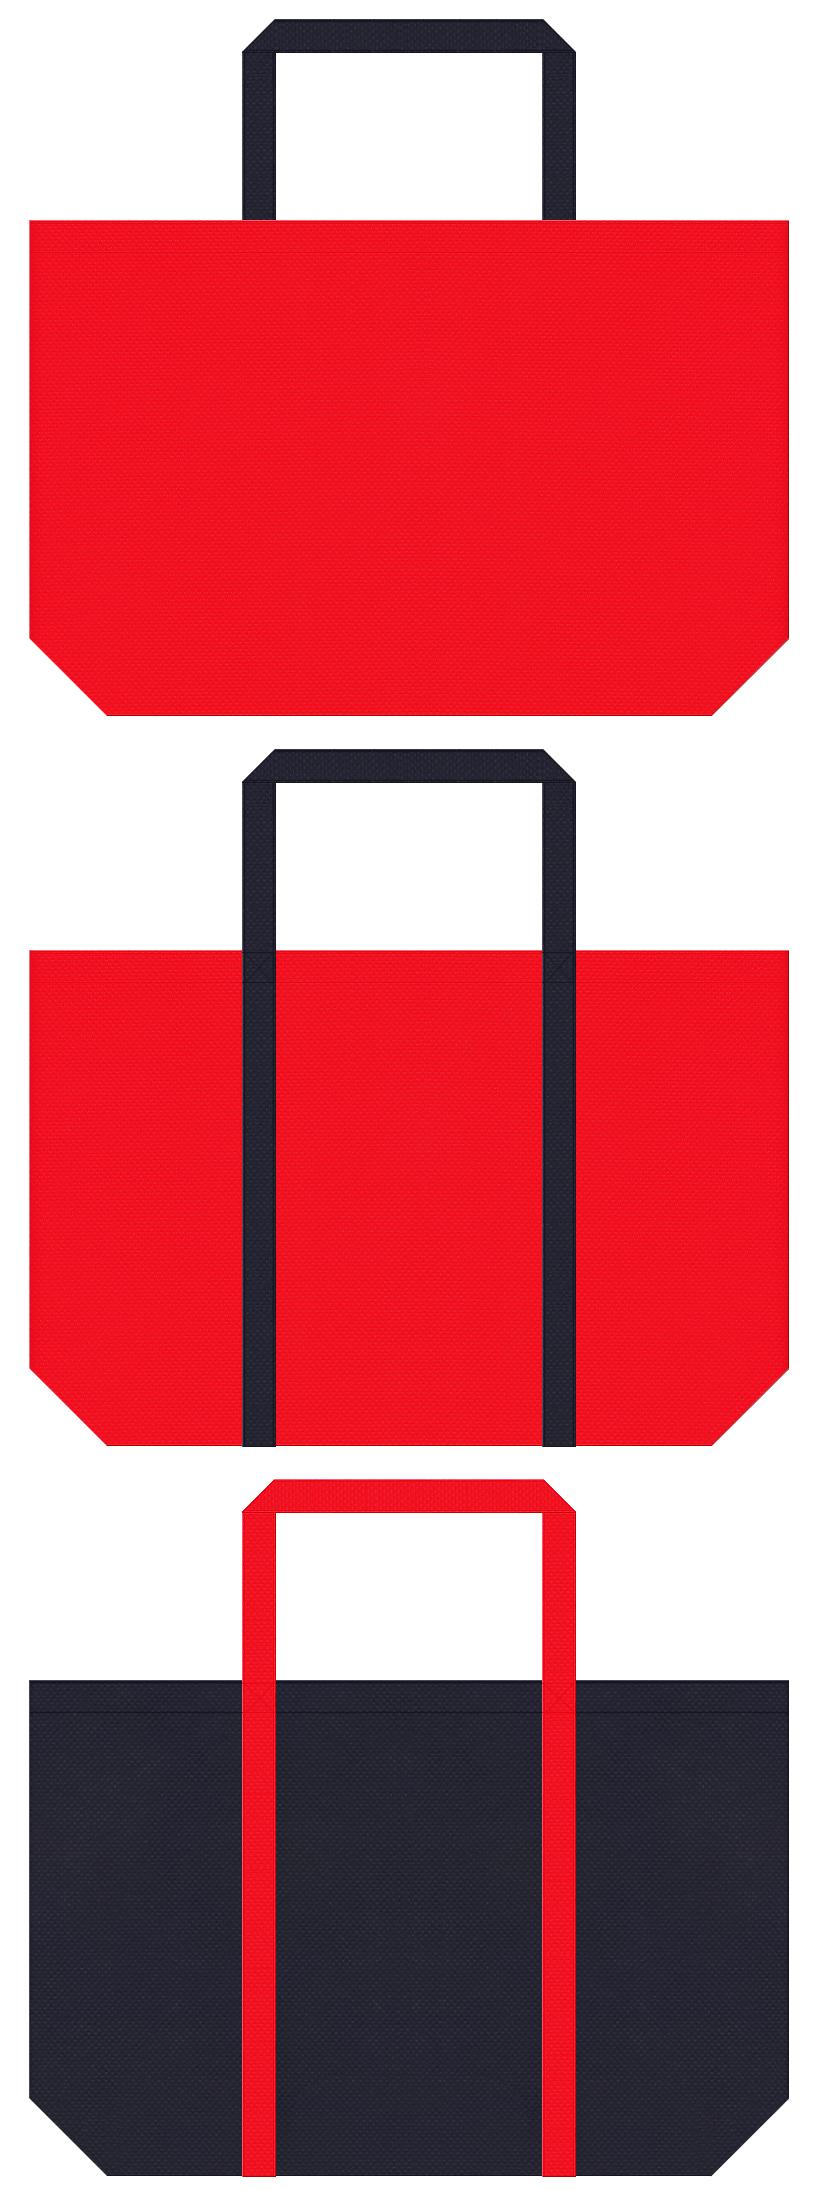 赤色と濃紺色の不織布バッグデザイン。スポーティーファッションのショッピングバッグにお奨めです。